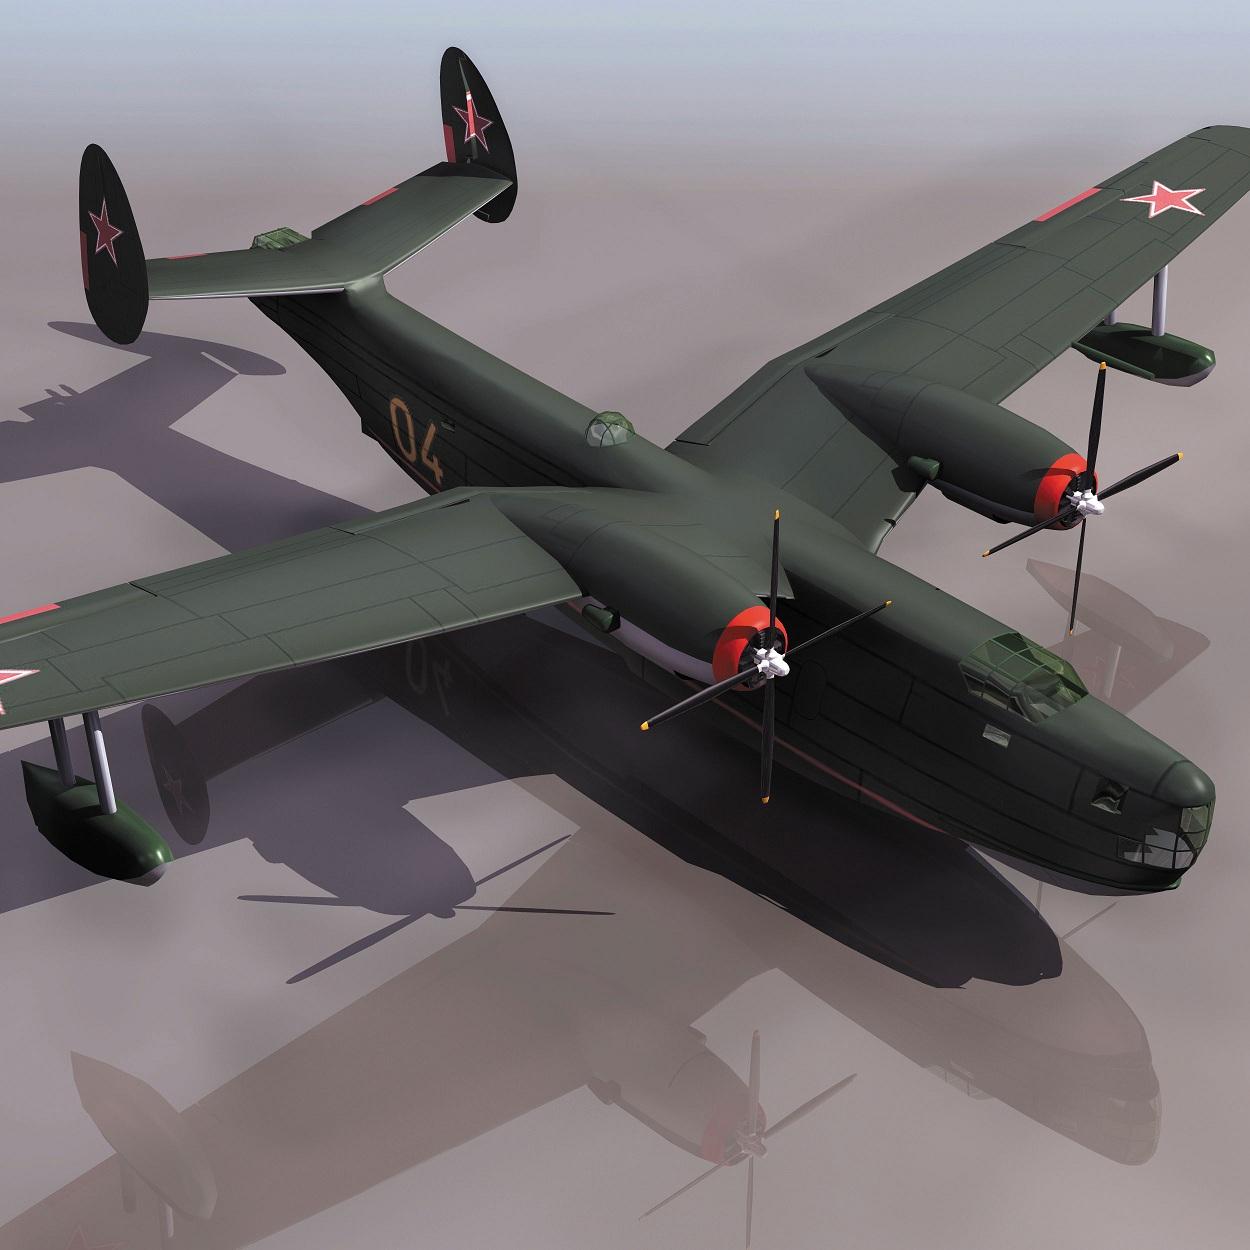 飞机3d模型系列 19-20世纪飞机历史博物馆 b6轰炸机